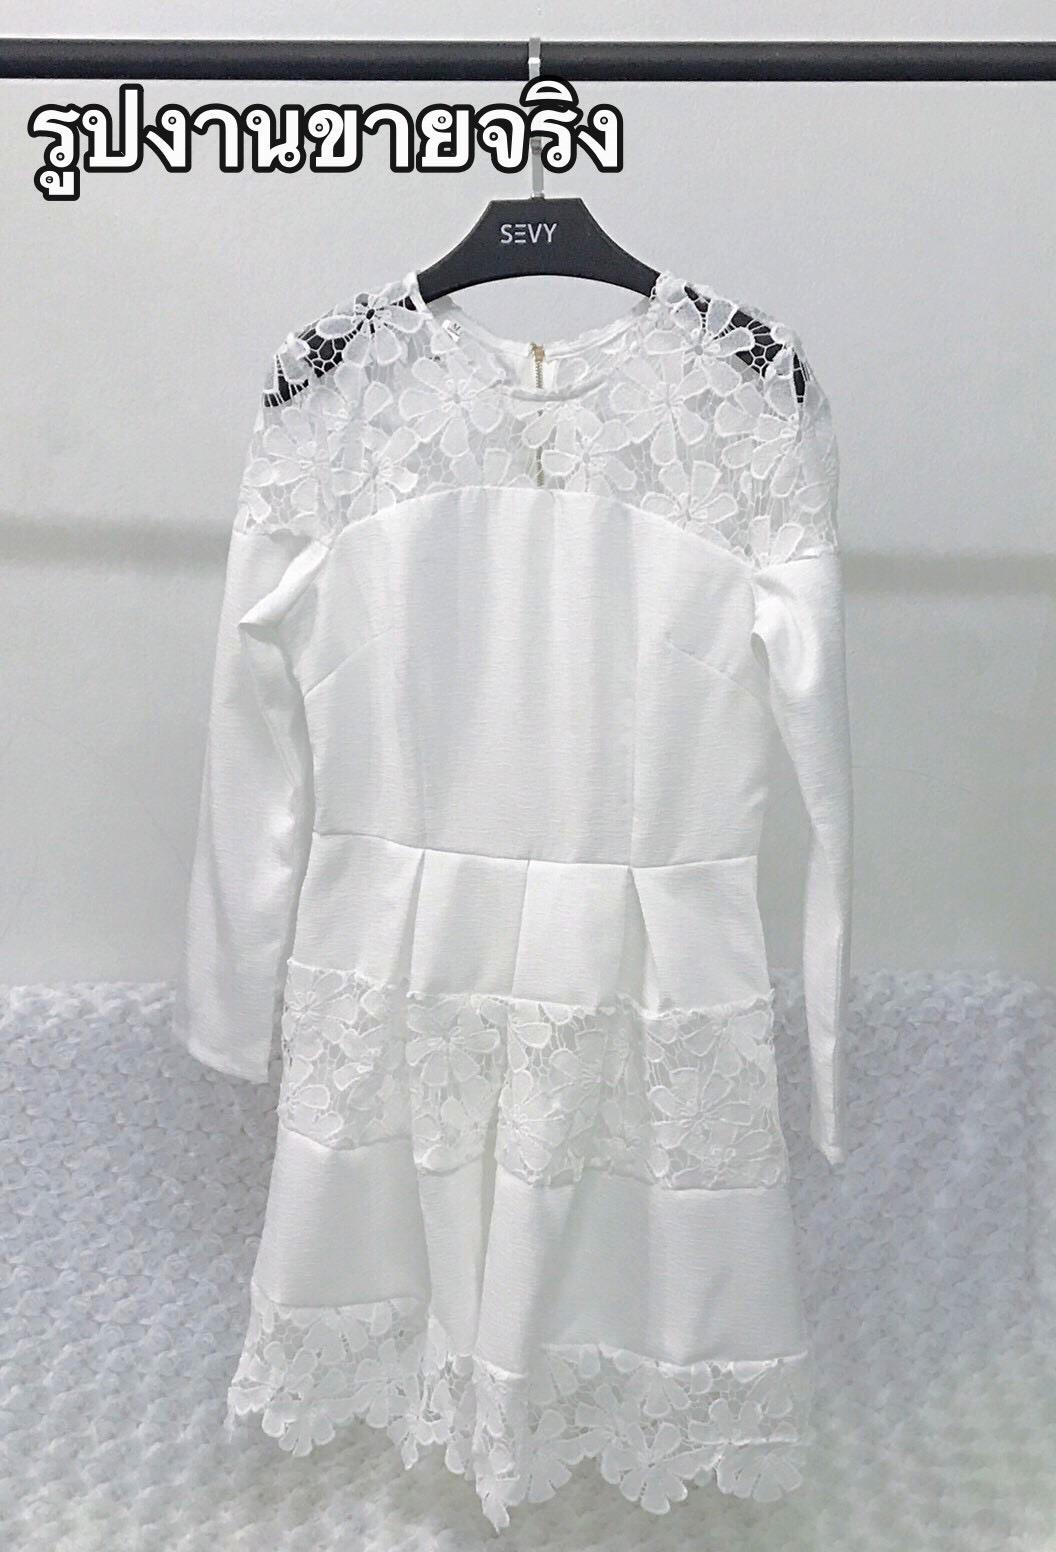 Mini dress โทนสีขาวแขนยาว เย็บต่อด้วยผ้าลูกไม้ช่วงอก